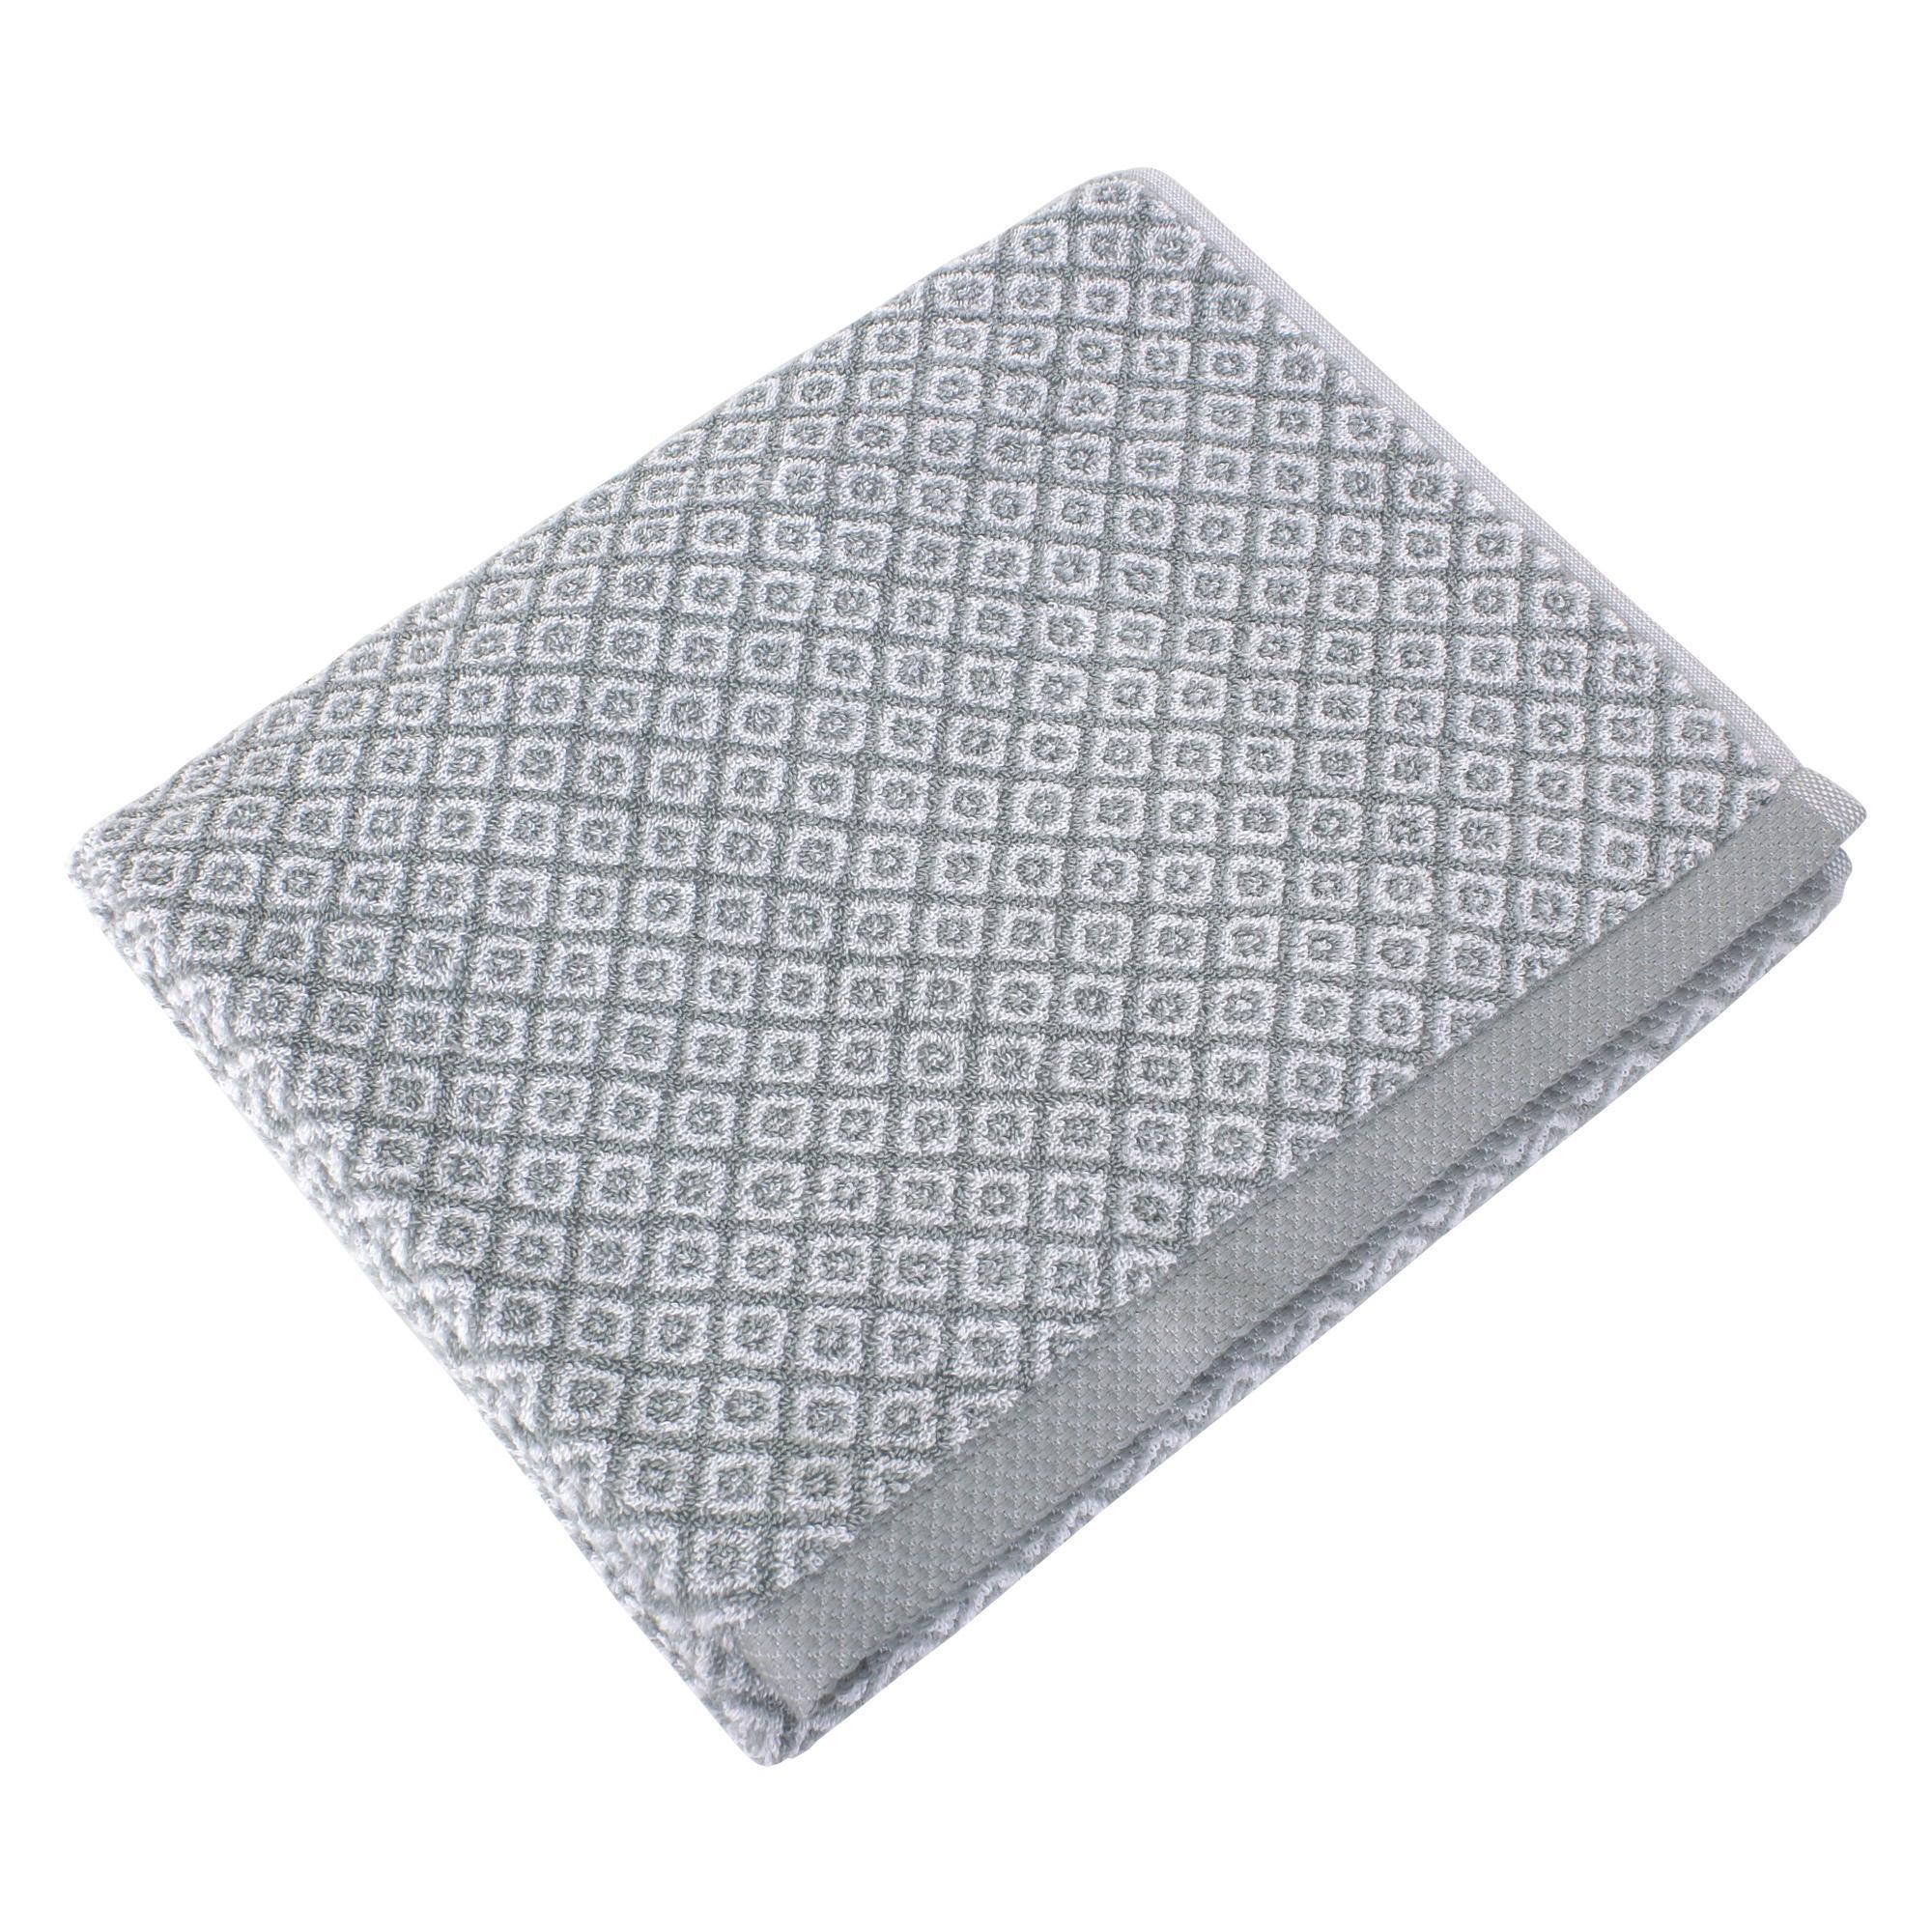 drap de douche 70x140 cm coton shibori mosaic gris linnea linge de maison et. Black Bedroom Furniture Sets. Home Design Ideas